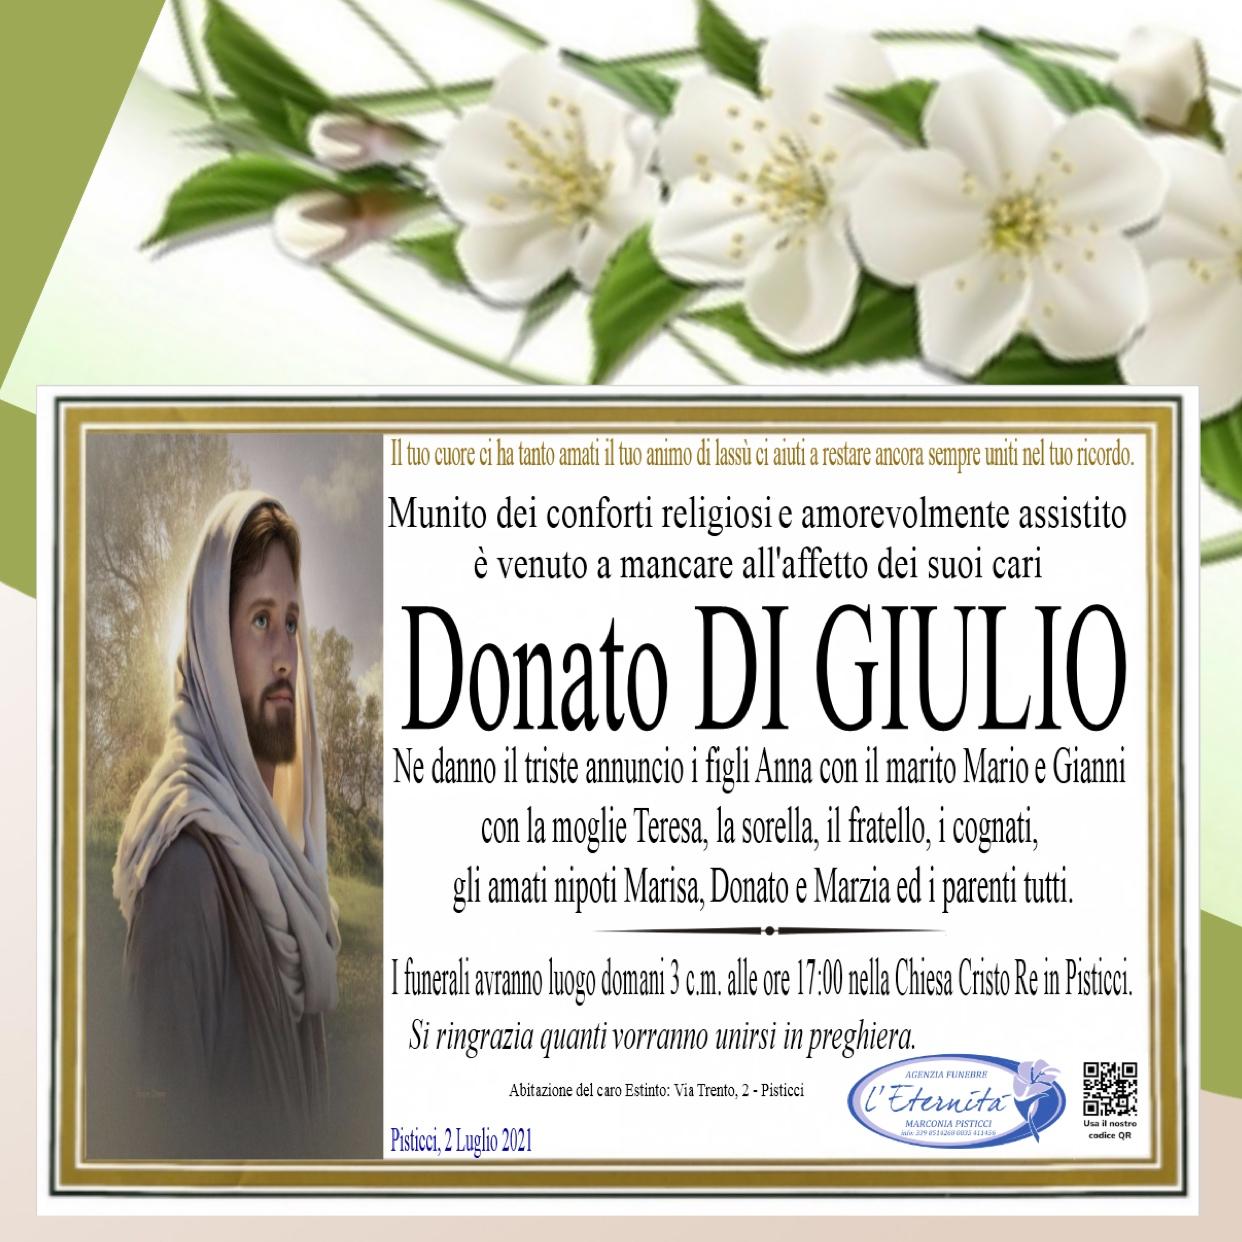 Donato DI GIULIO